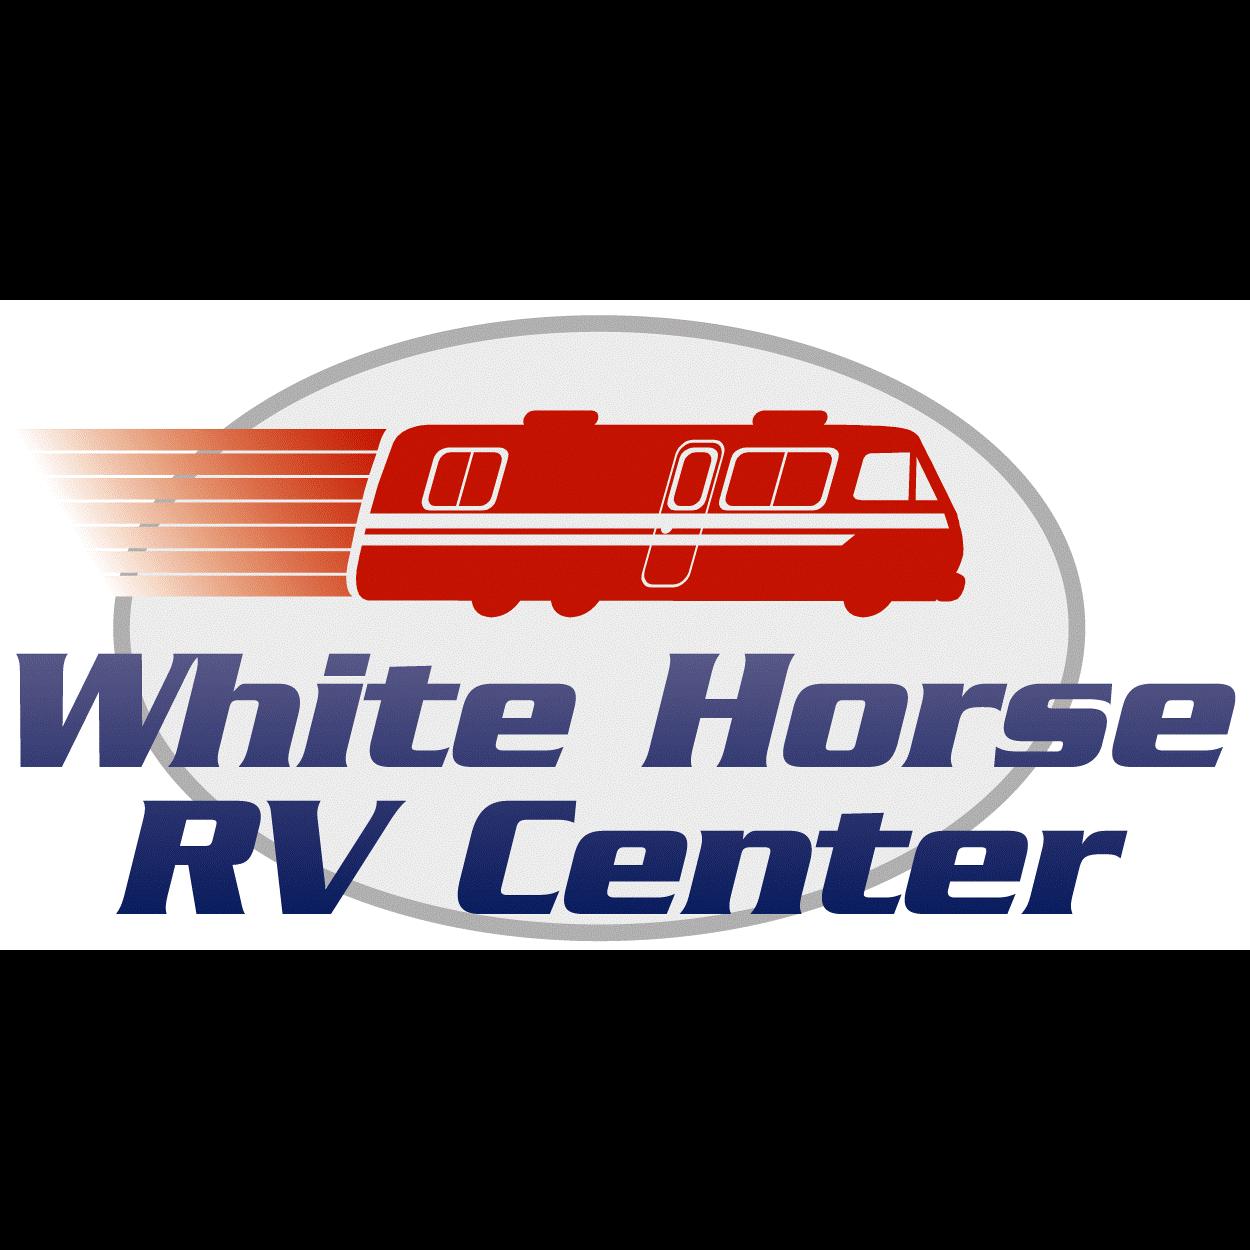 White Horse RV Center